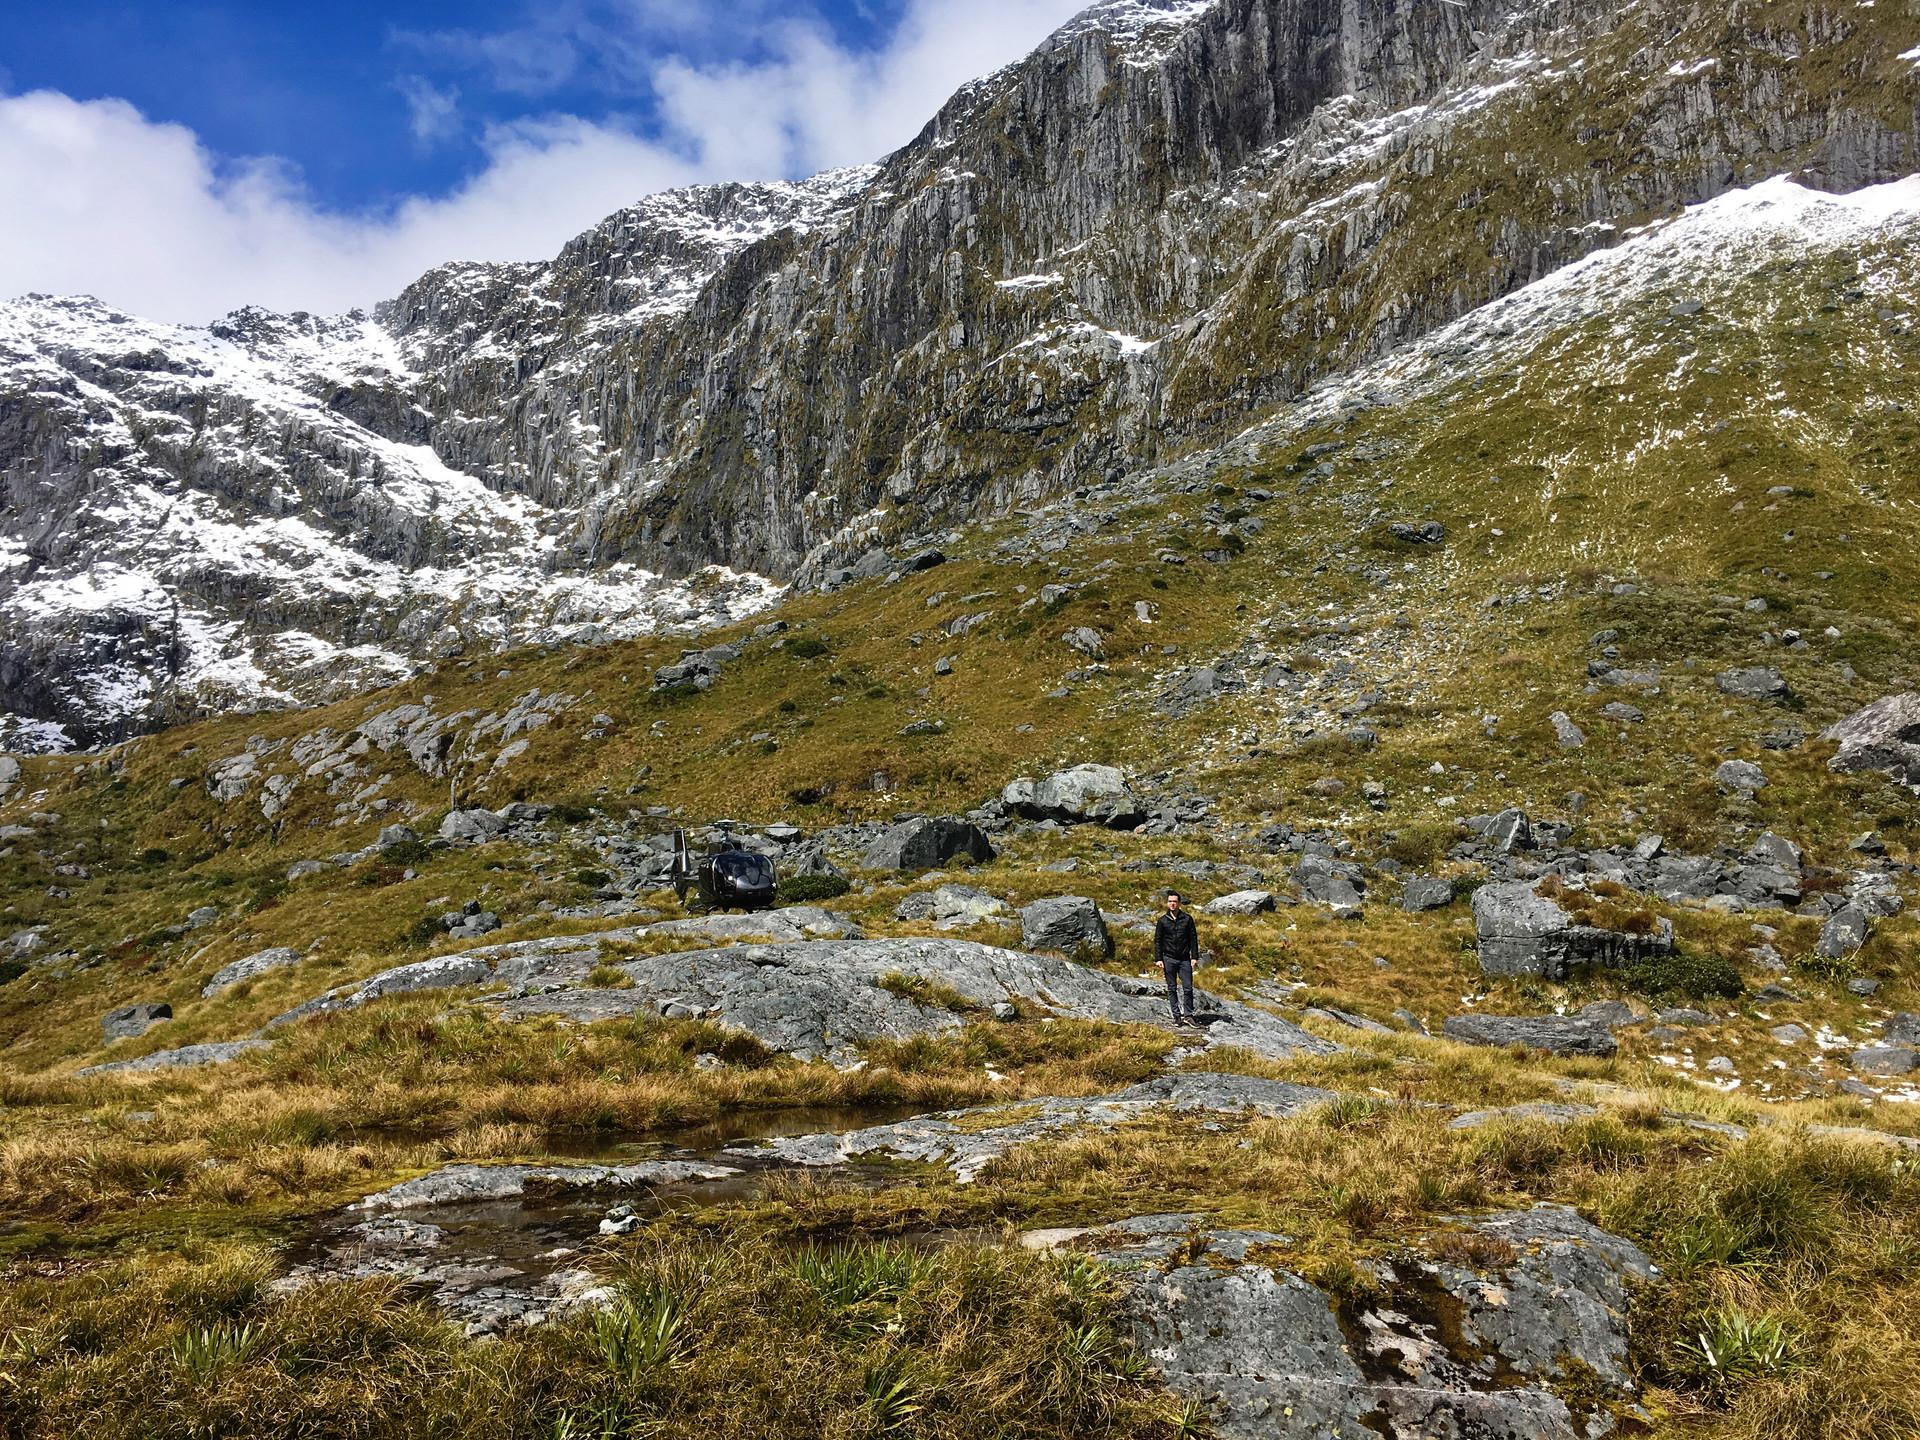 Fjordland National Park